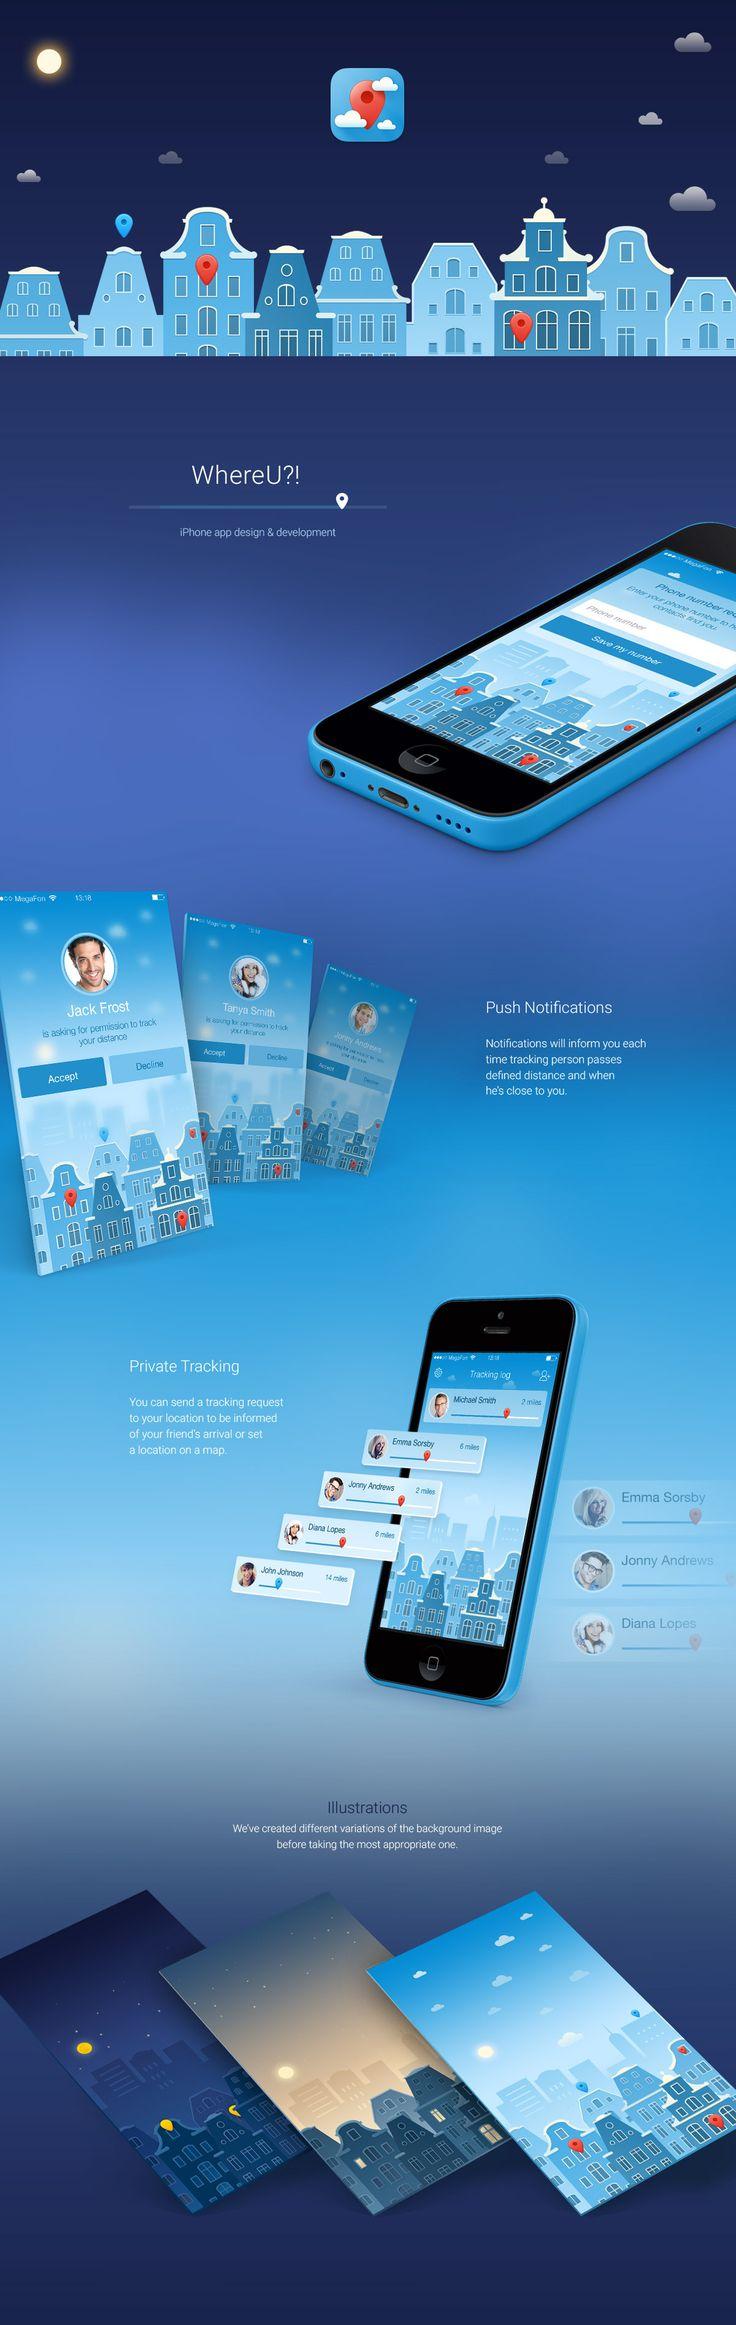 Plainwhite - Mobile & Web design and development company